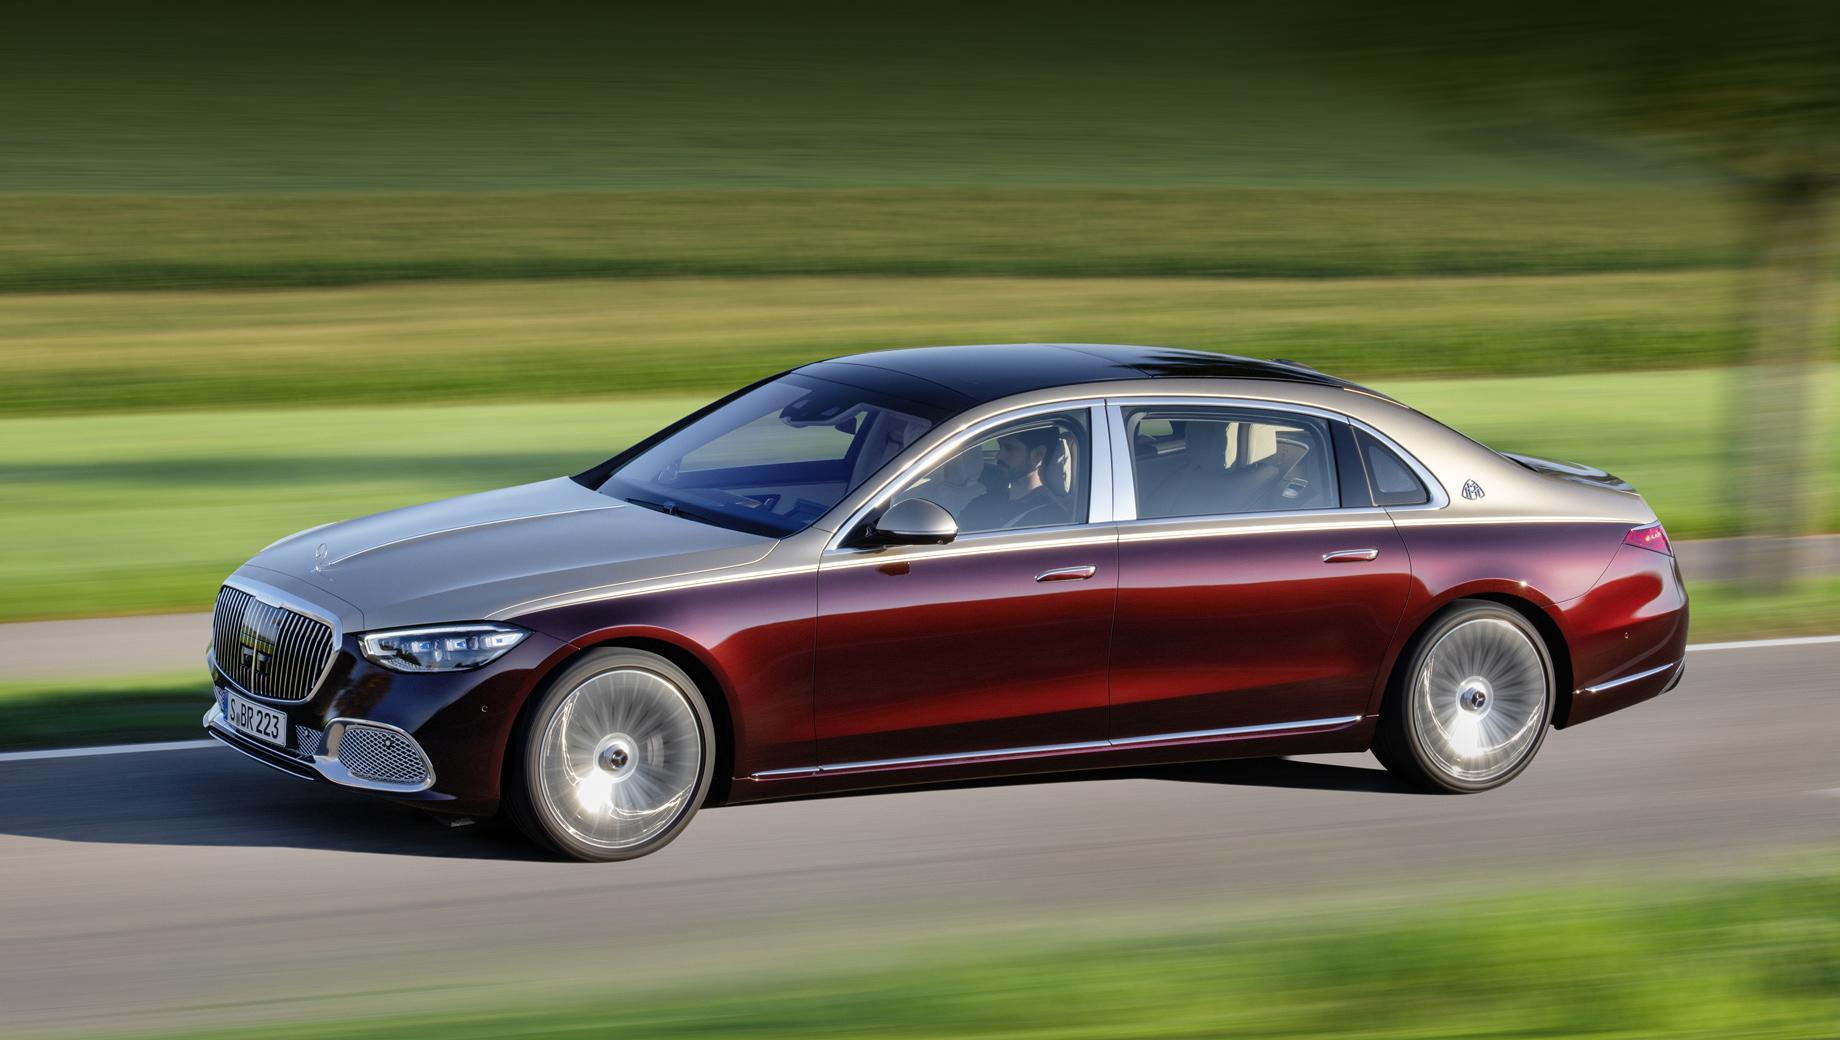 Mercedes s. Официально данные восьмицилиндрового и двенадцатицилиндрового Майбахов компания не раскрывала. К слову, в Китае Maybach стартовал в шестицилиндровой версии S 480 4Matic.